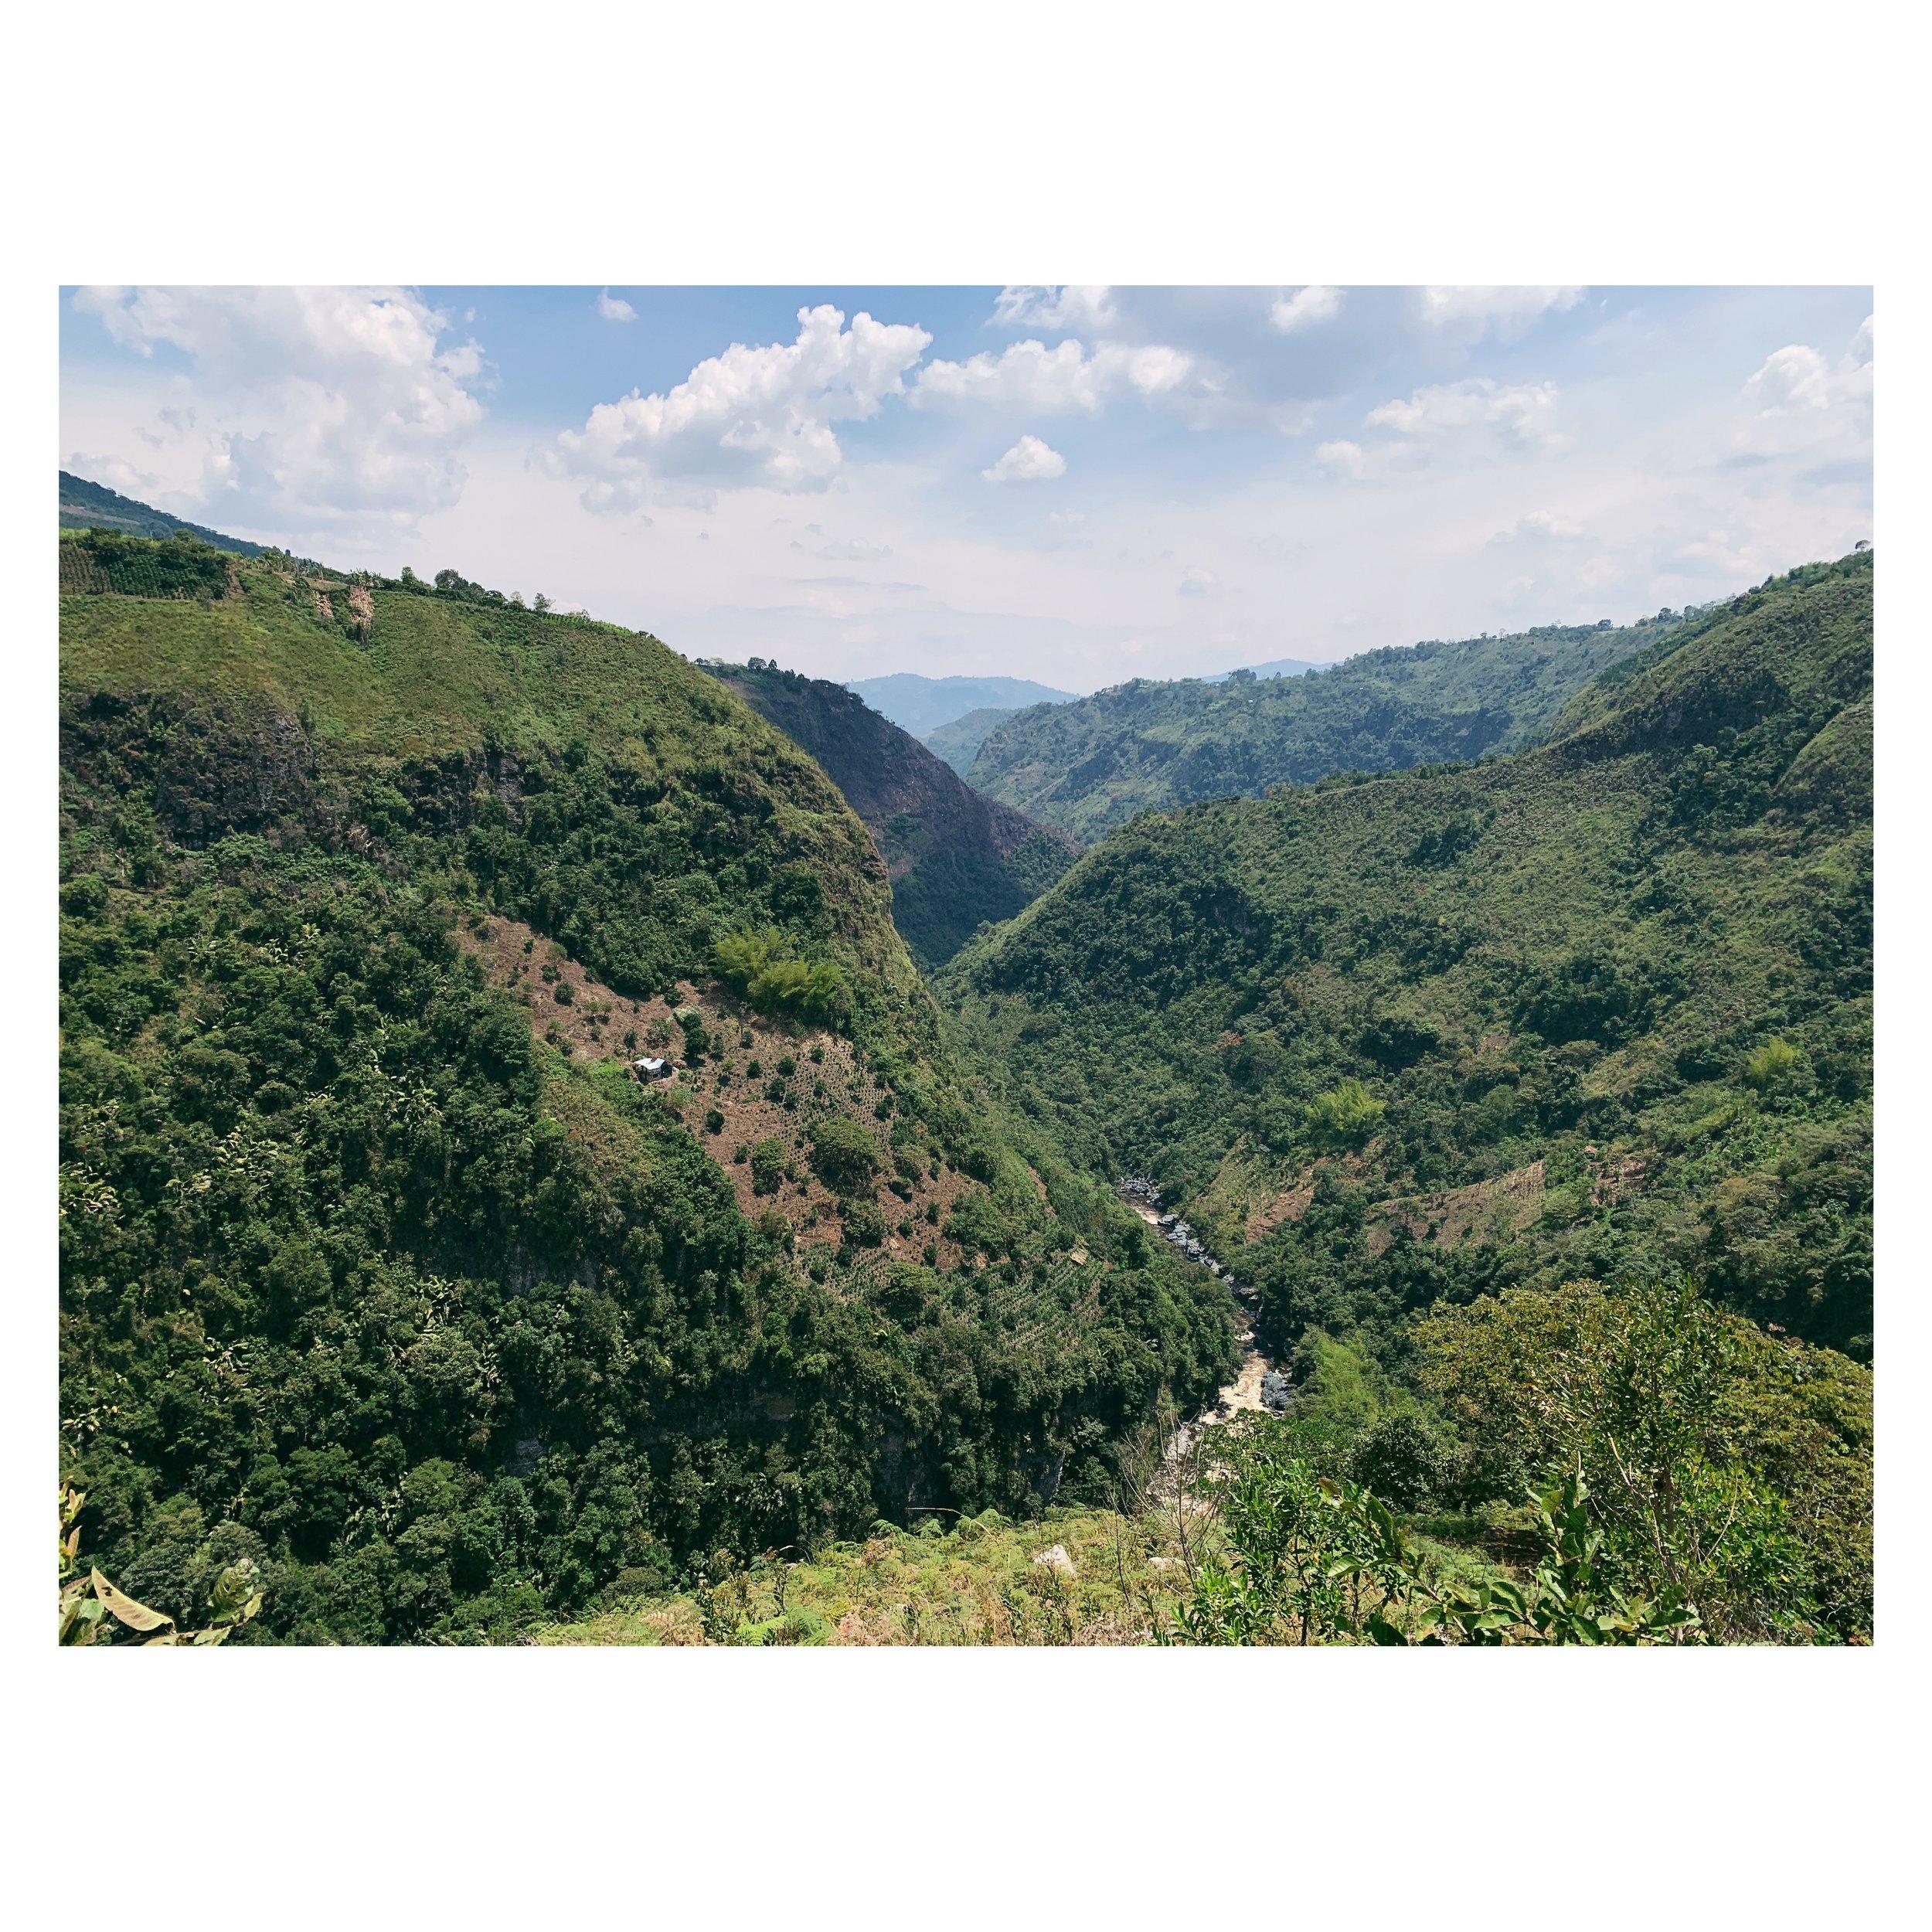 View near La Chaquira